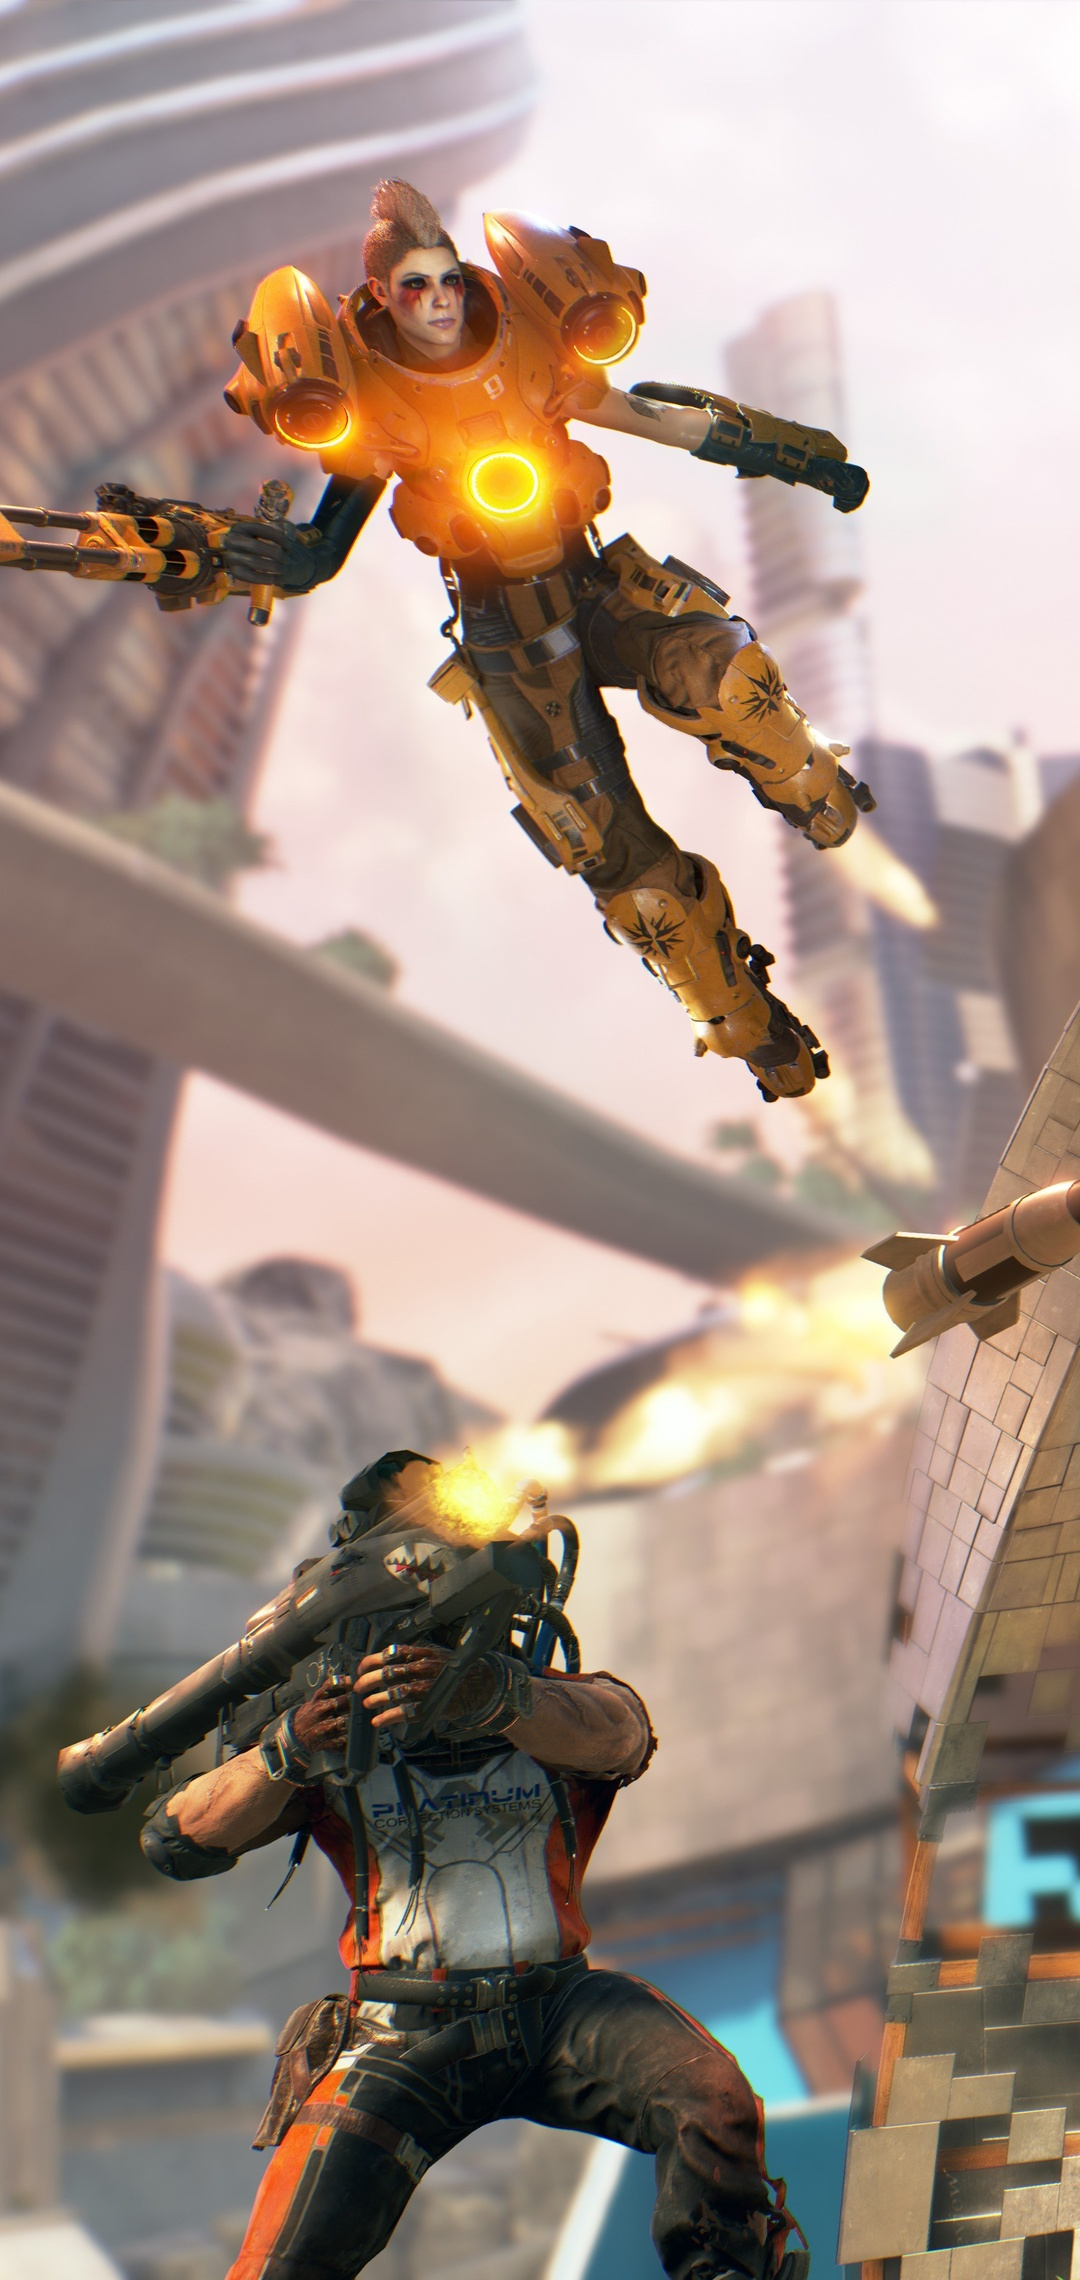 8k-lawbreakers-gameplay-rj.jpg